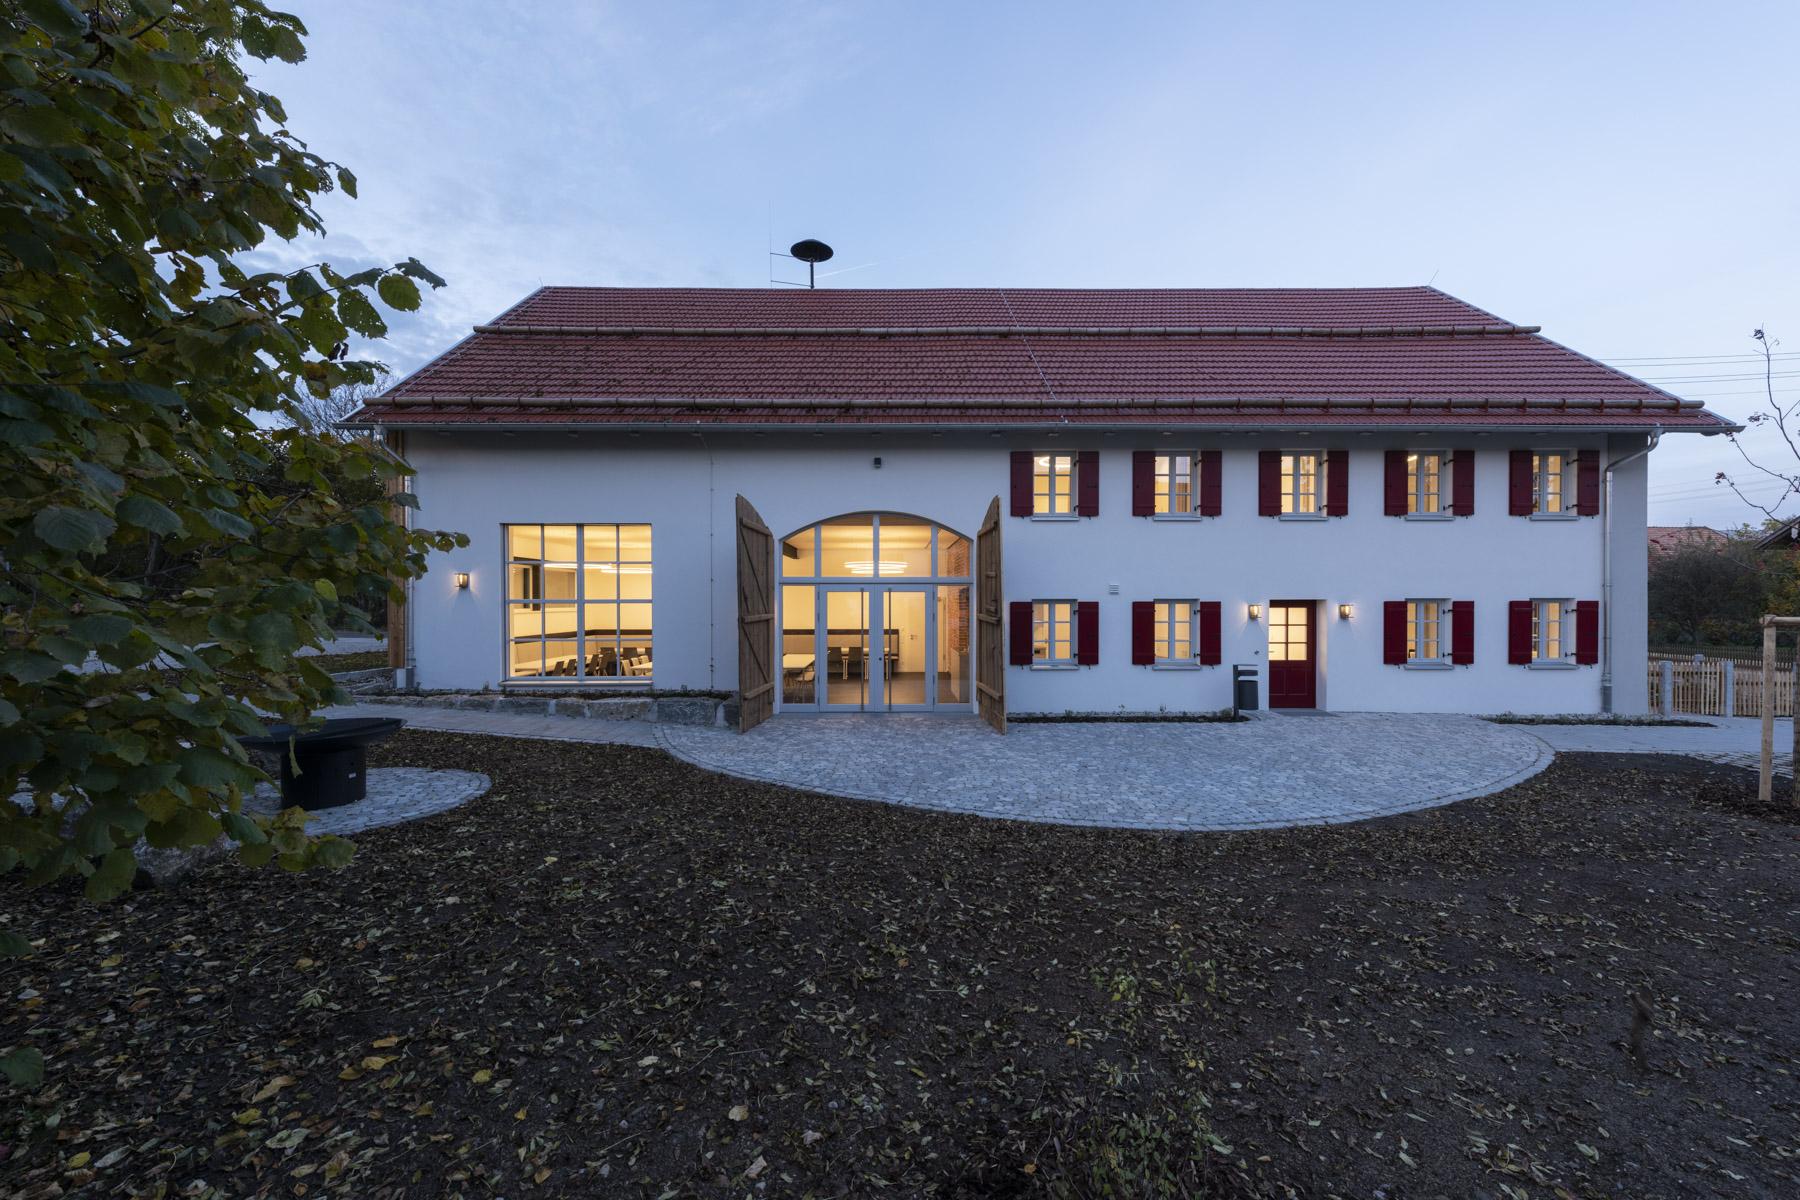 Dorfgemeinschaftshaus Gutenberg nach der Renovierung 2020